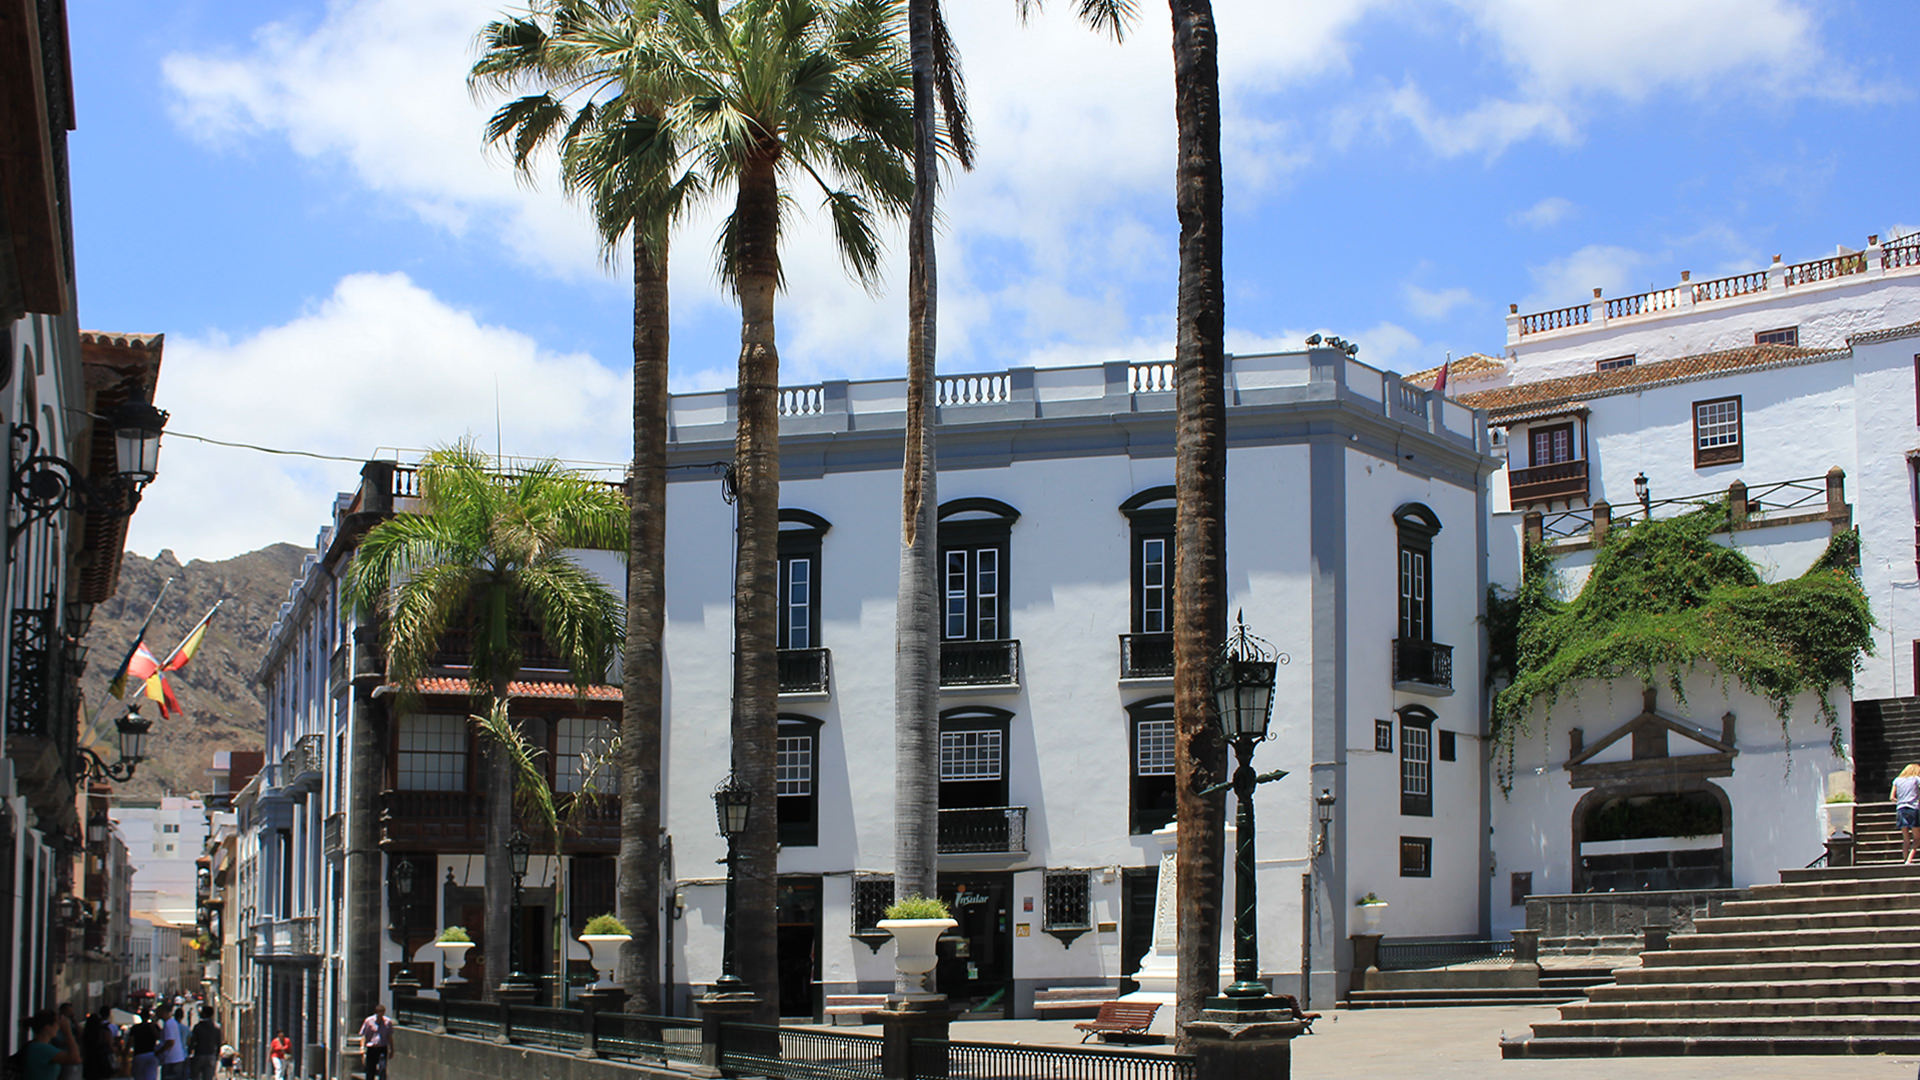 La capitale Santa Cruz de La Palma tours e visite guidate scopri la storia e il patrimonio storico e culturale della capitale de La Palma con una guida italiana